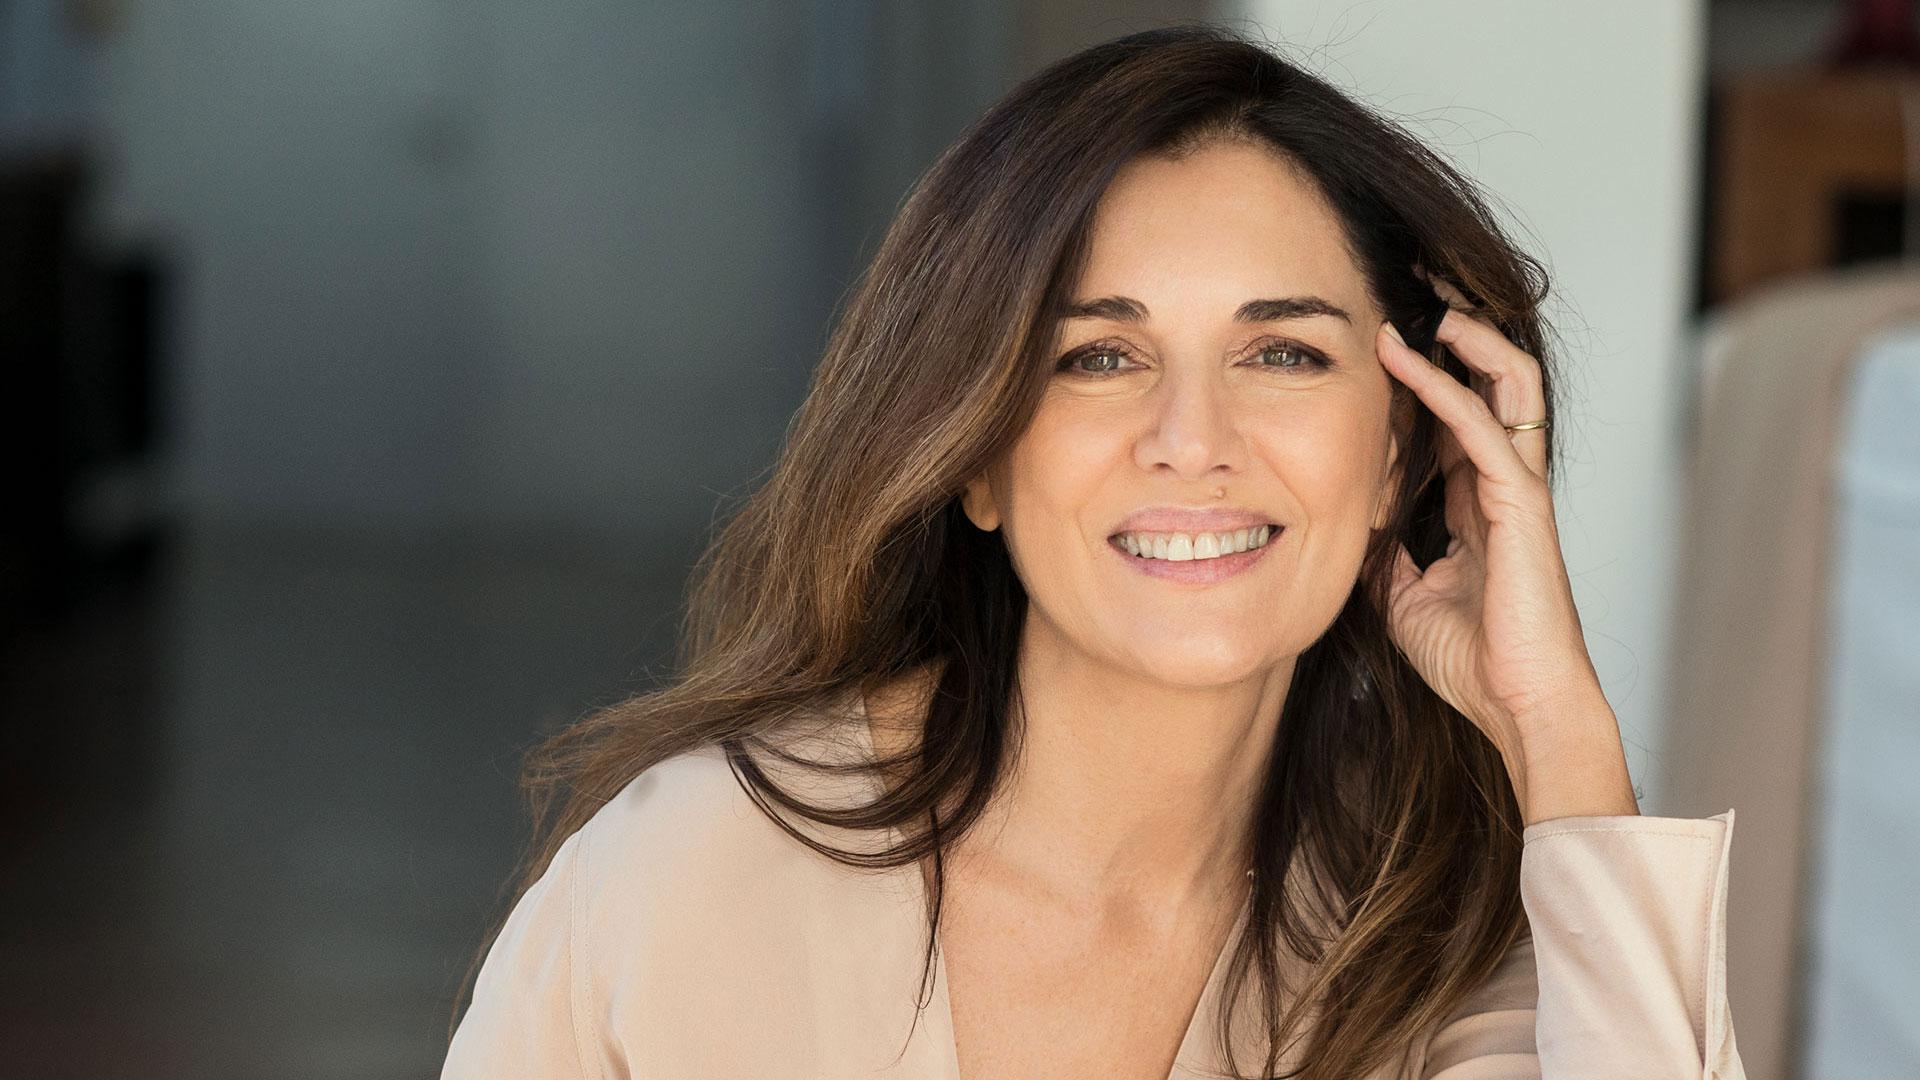 Andrea Frigerio, una diosa a los 57 que elige evitar el quirófano (Claudia Cebrian)